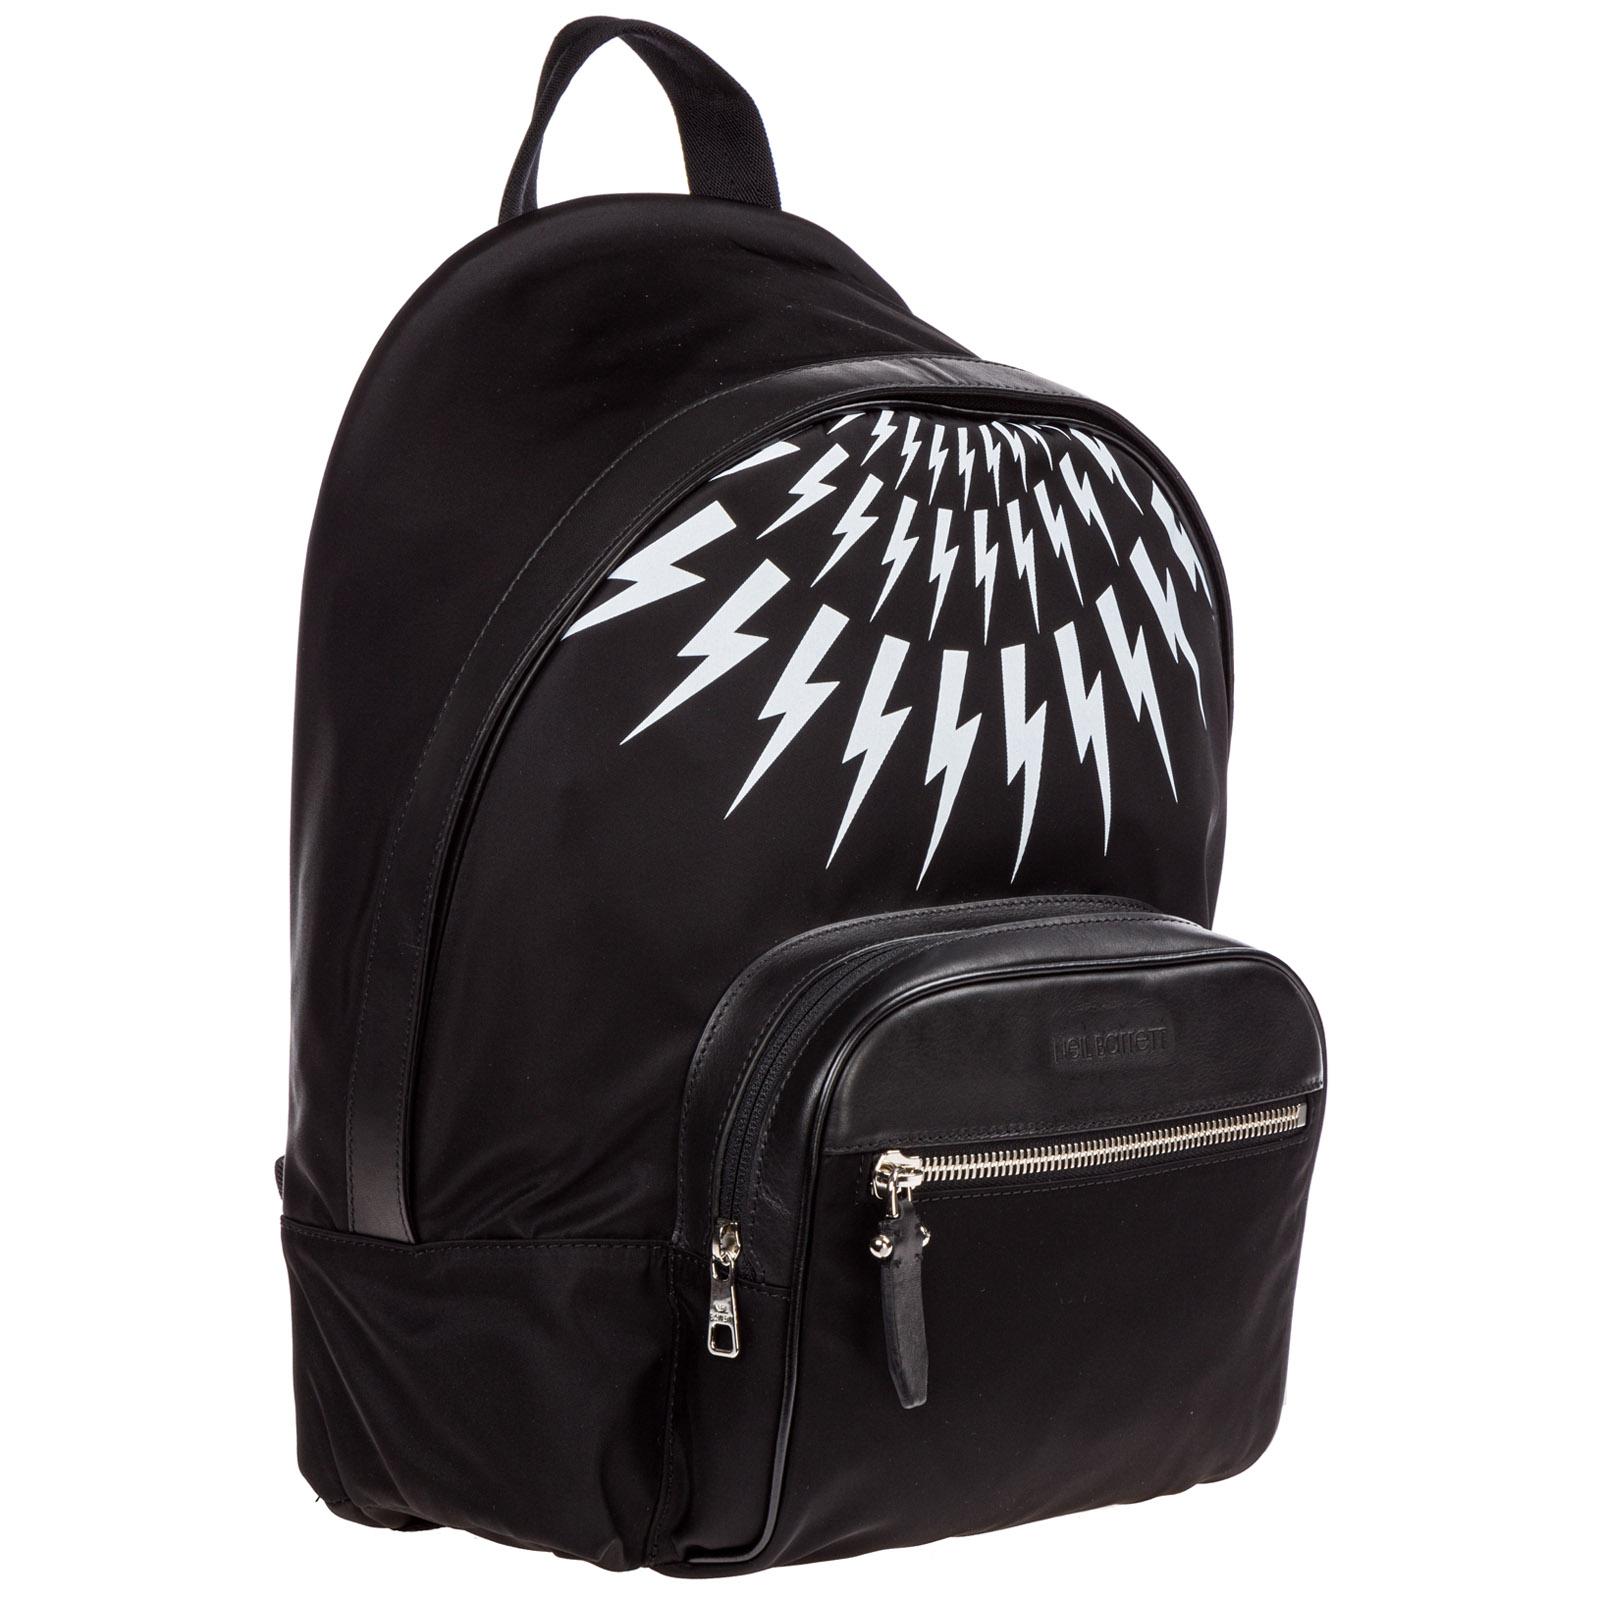 Men's nylon rucksack backpack travel  thunderbolt fair-isle